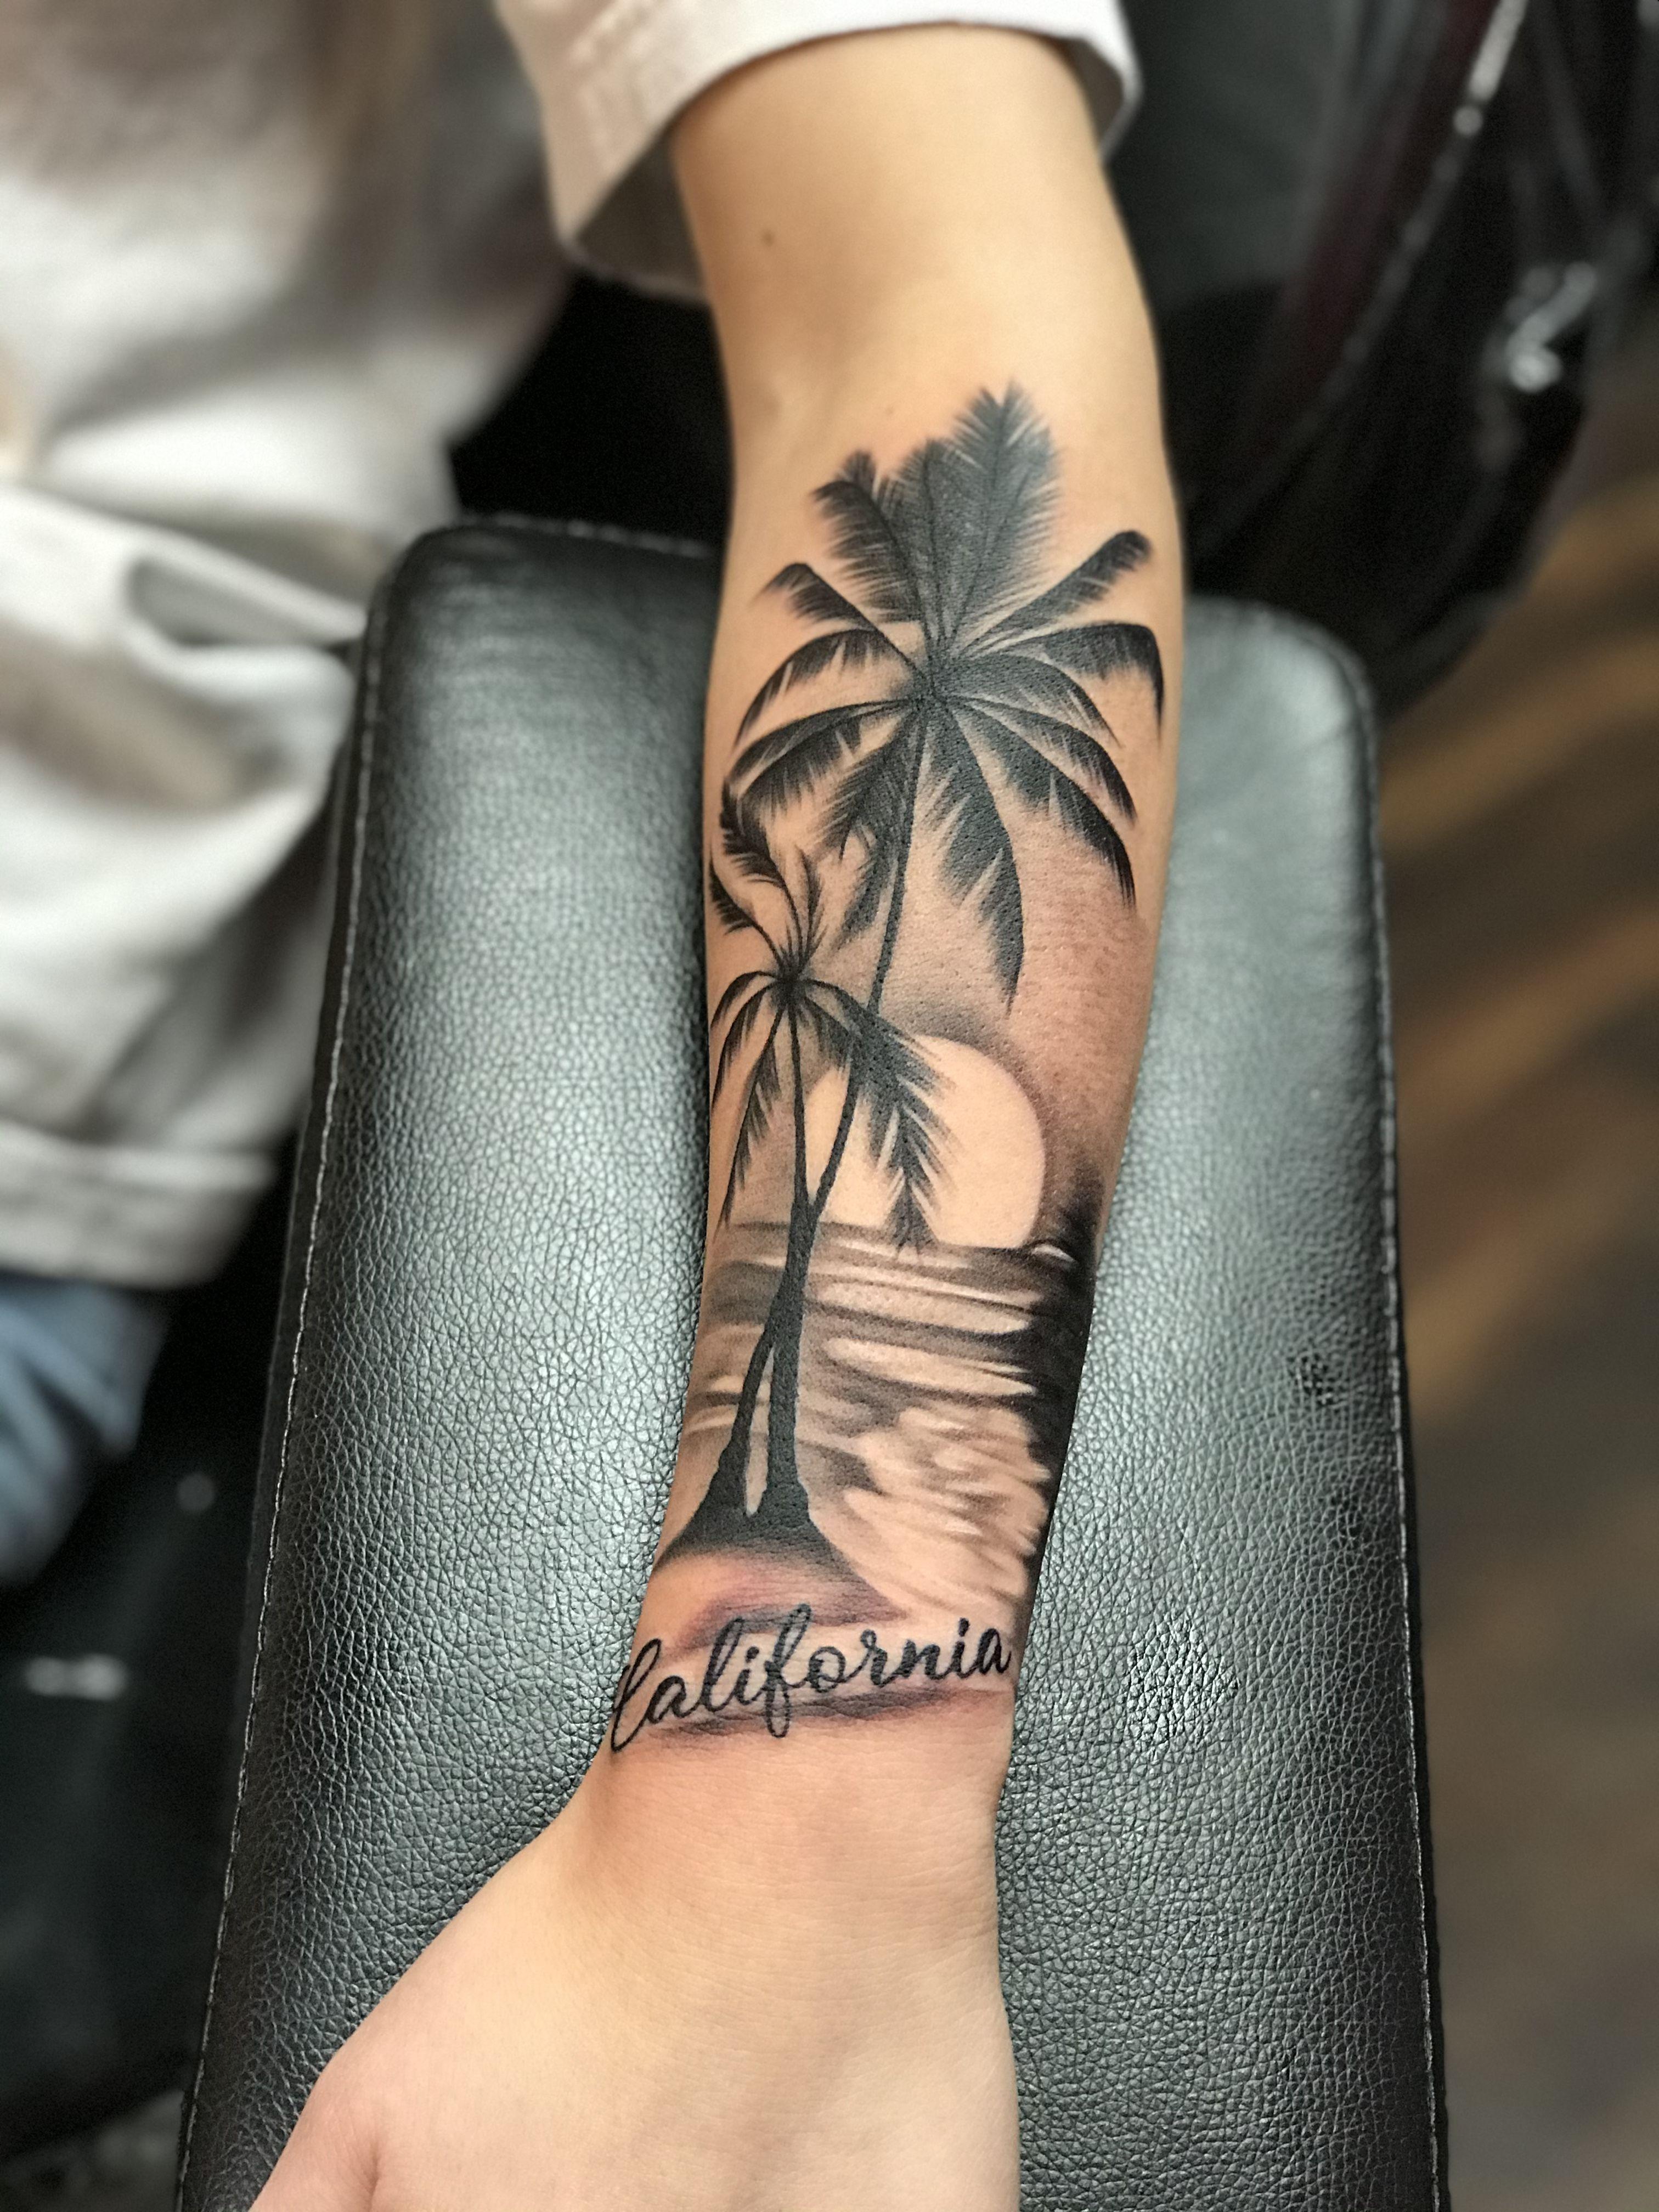 California Forearm Tattoo : california, forearm, tattoo, California, Tattoos,, Tattoo,, Tricep, Tattoos